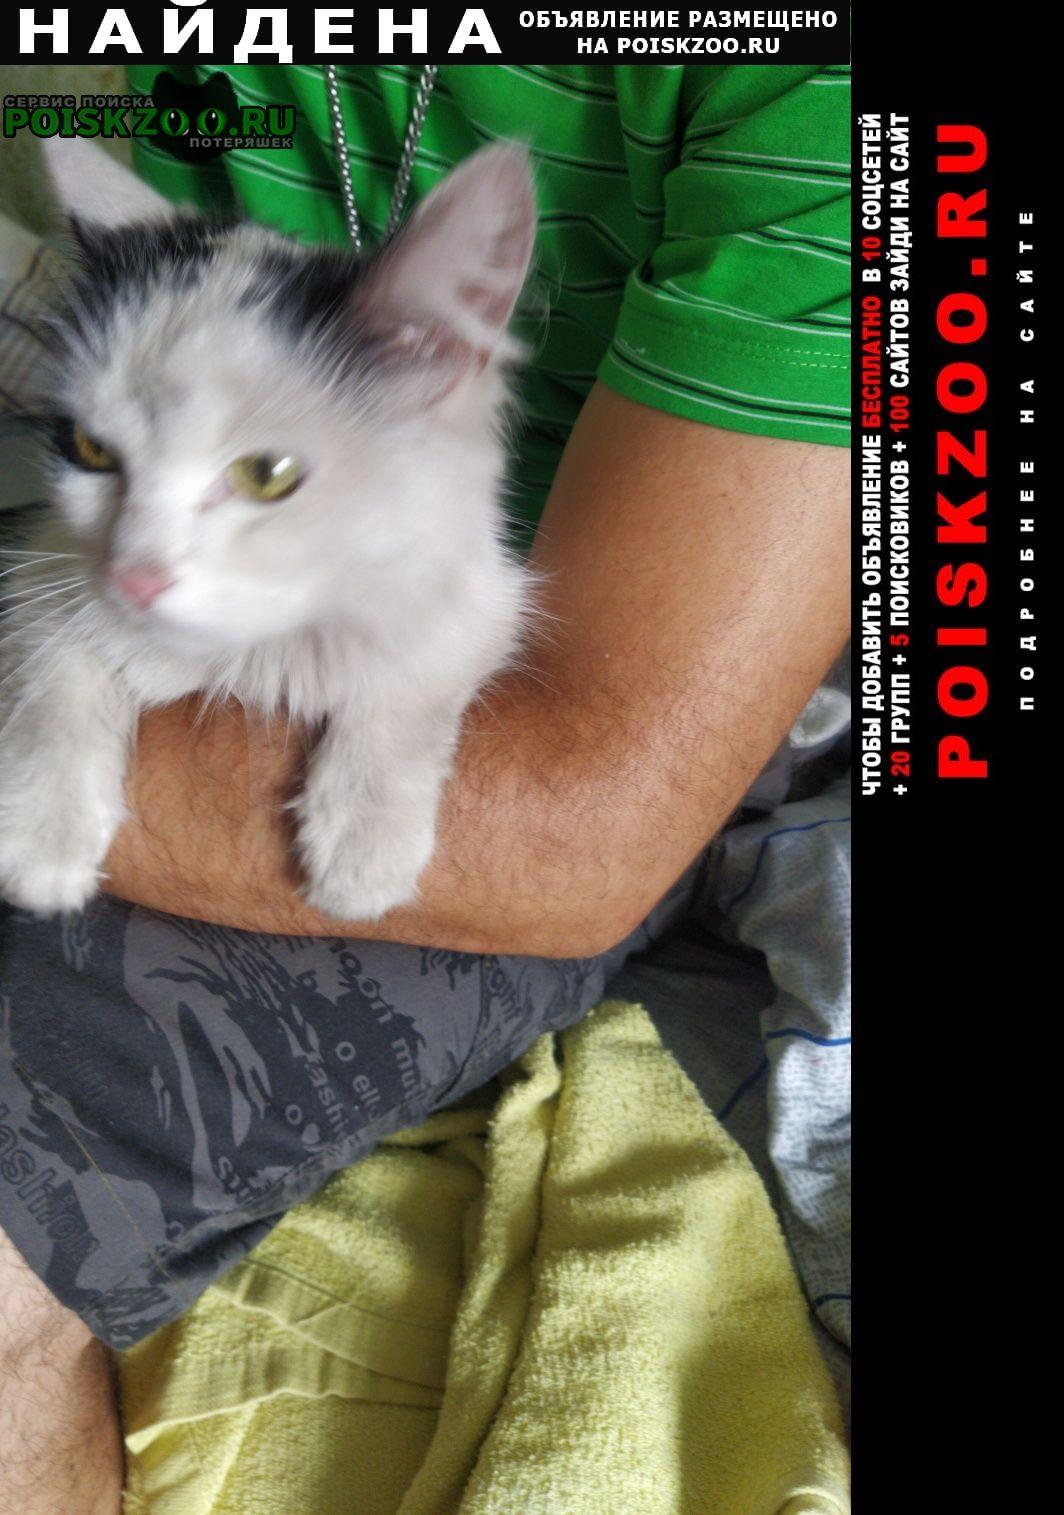 Найдена кошка беленькая, пушистая с серыми пятнами Прокопьевск